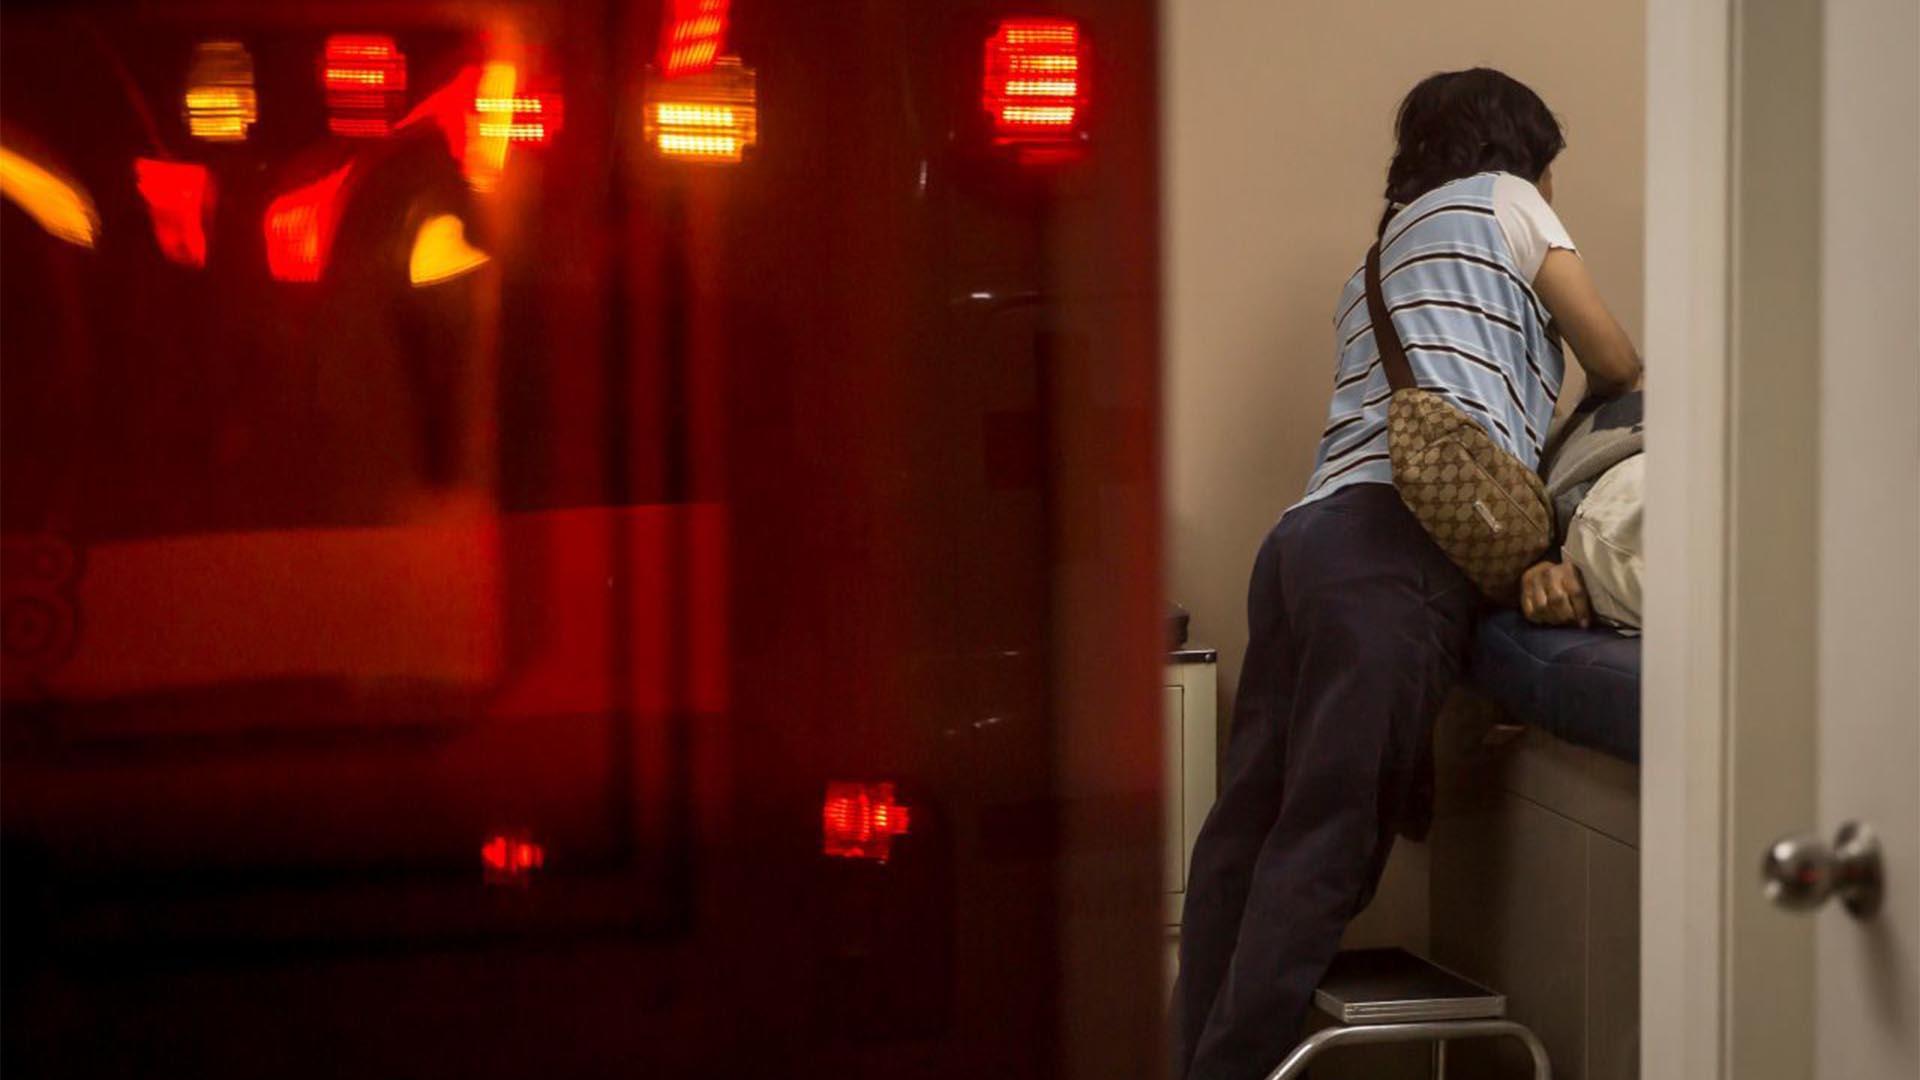 Una mujer se despide de su esposo que murió tras presentar síntomas de COVID-19, esto en el consultorio médico de una farmacia, paramédicos de la Cruz Roja que atendieron el llamado de auxilio determinaron que ya no tenía signos vitales (Foto: Cuartoscuro/Omar Martínez)